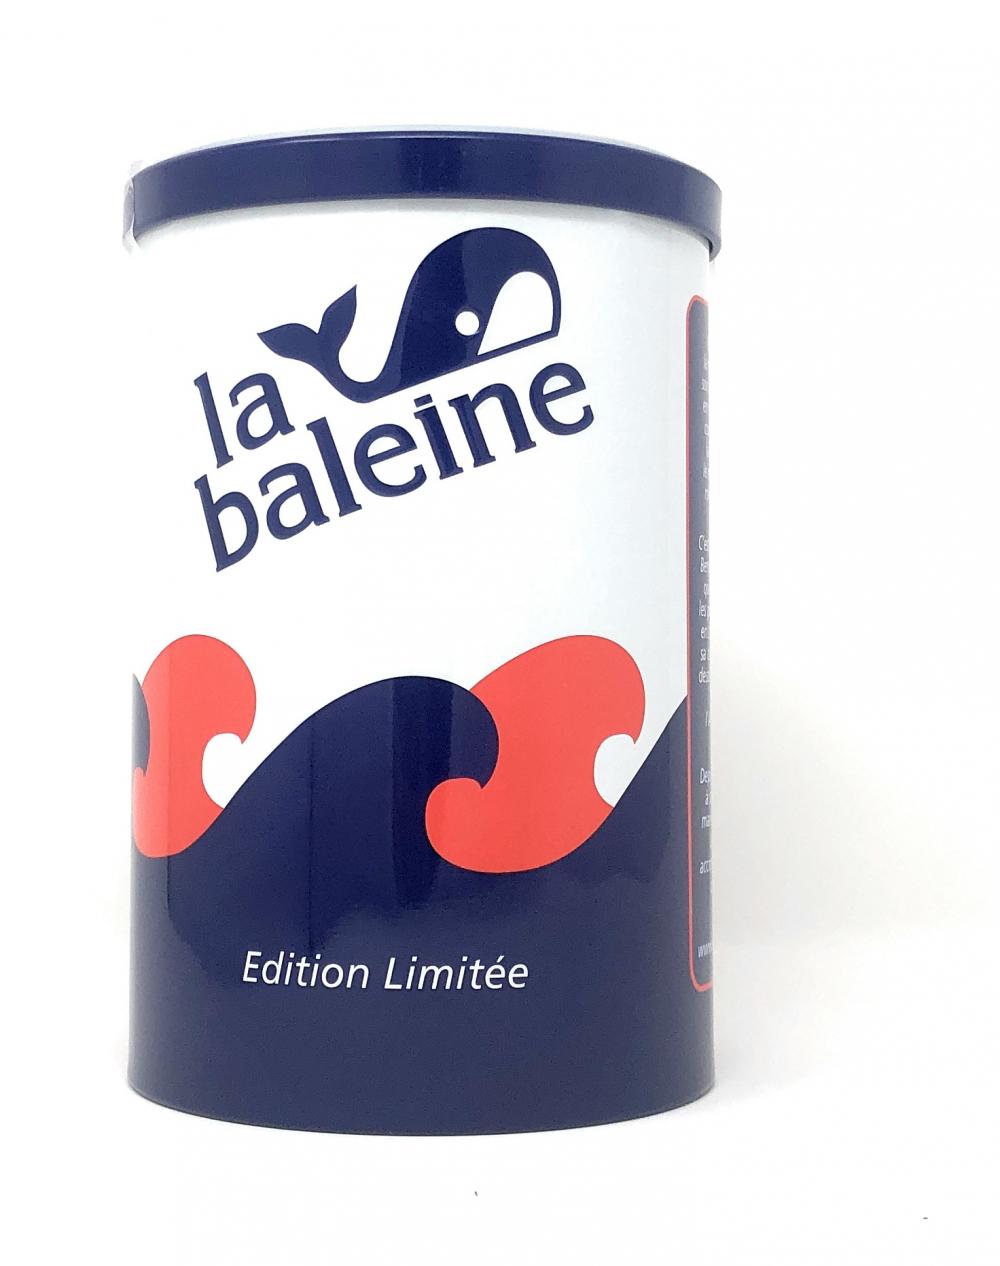 La Baleine Grobes Meersalz aus Frankreich in der Wal-Motivdose Limitiere Edition - reines Sel de Mer aus der Camargue 1000g